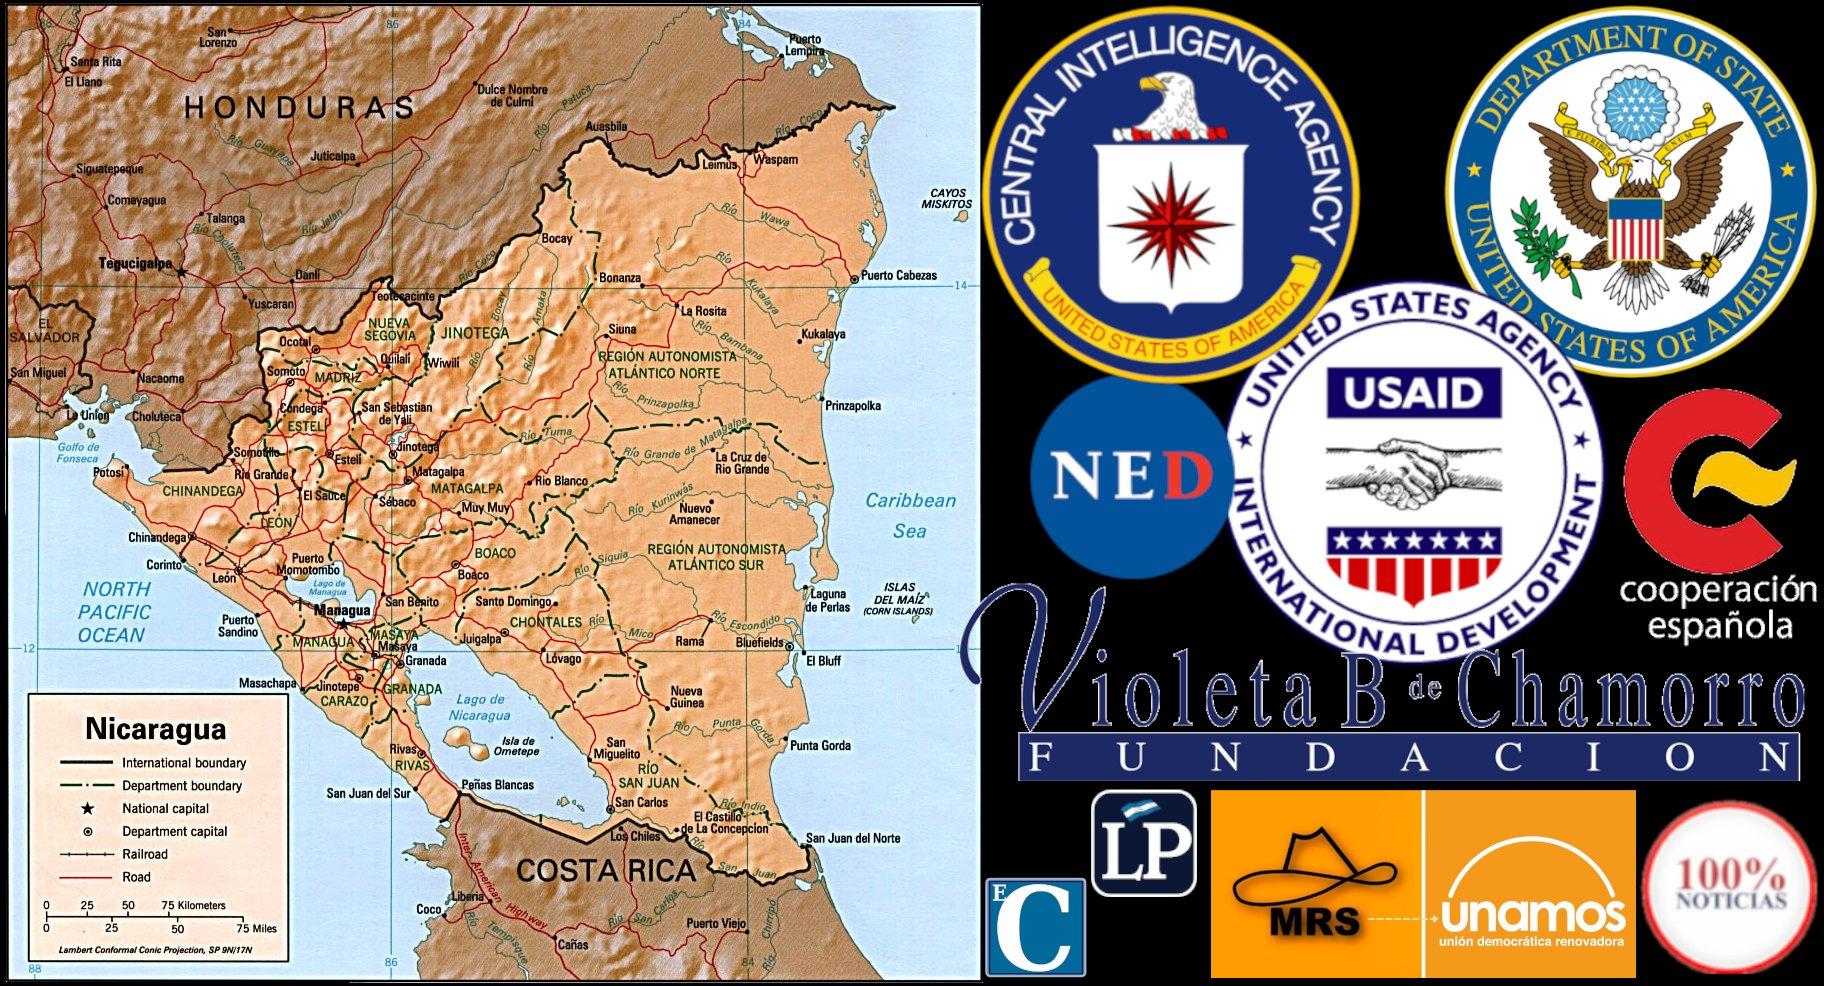 Cómo USAID, fachada de la CIA, creó el aparato mediático anti-sandinista en  Nicaragua». Reportaje de Benjamin Norton de Grayzone sobre el injerencismo  de Estados Unidos – Revista De Frente